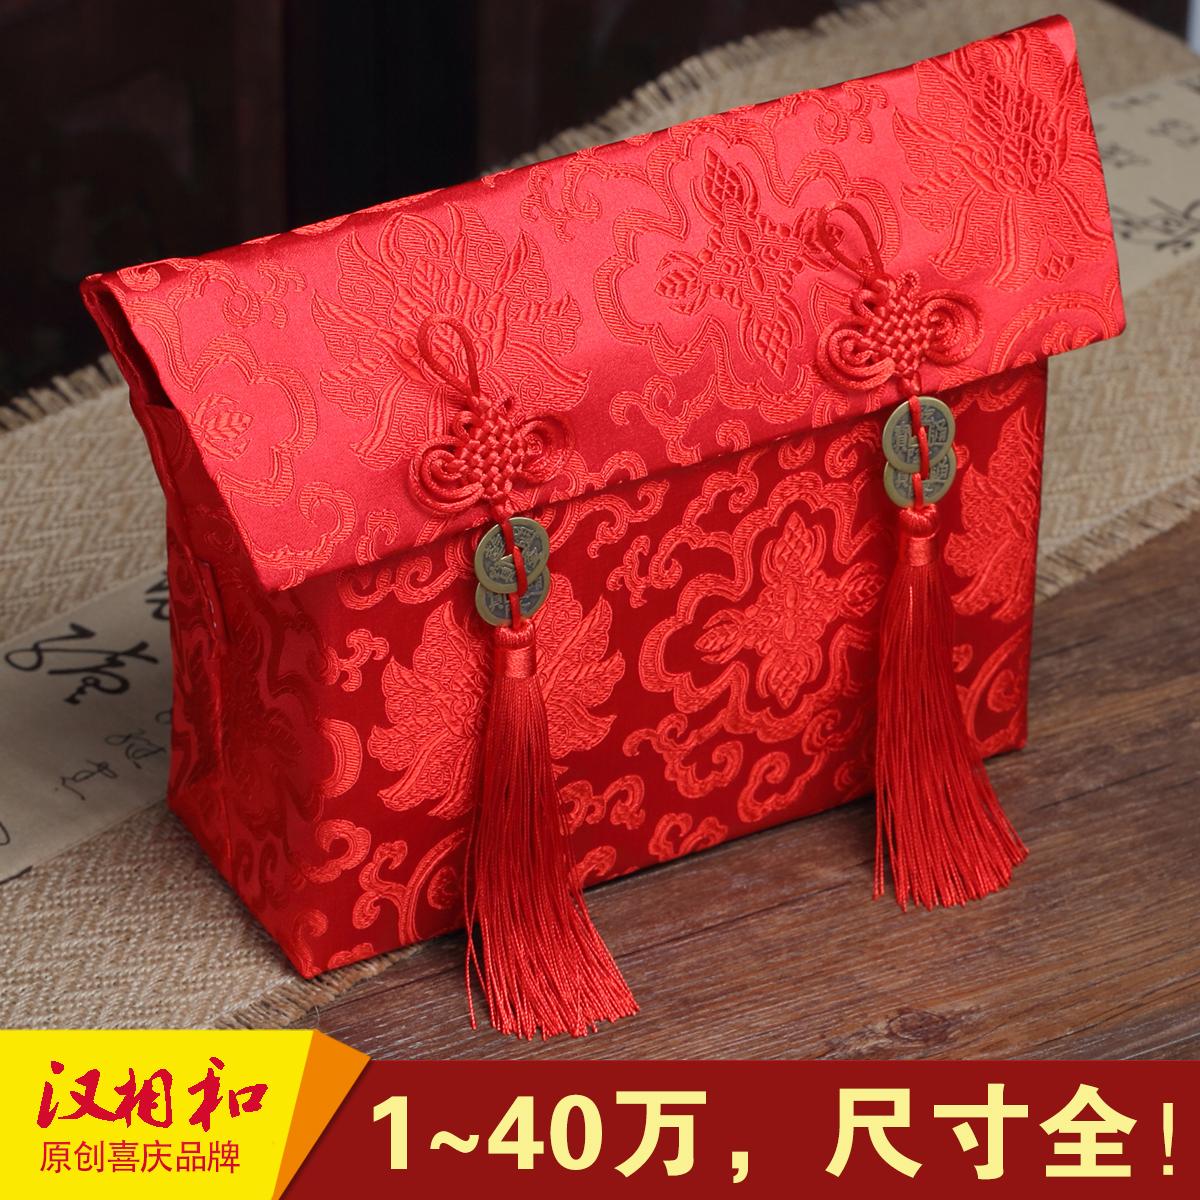 Конверты для Китайского нового года Артикул 540515760397